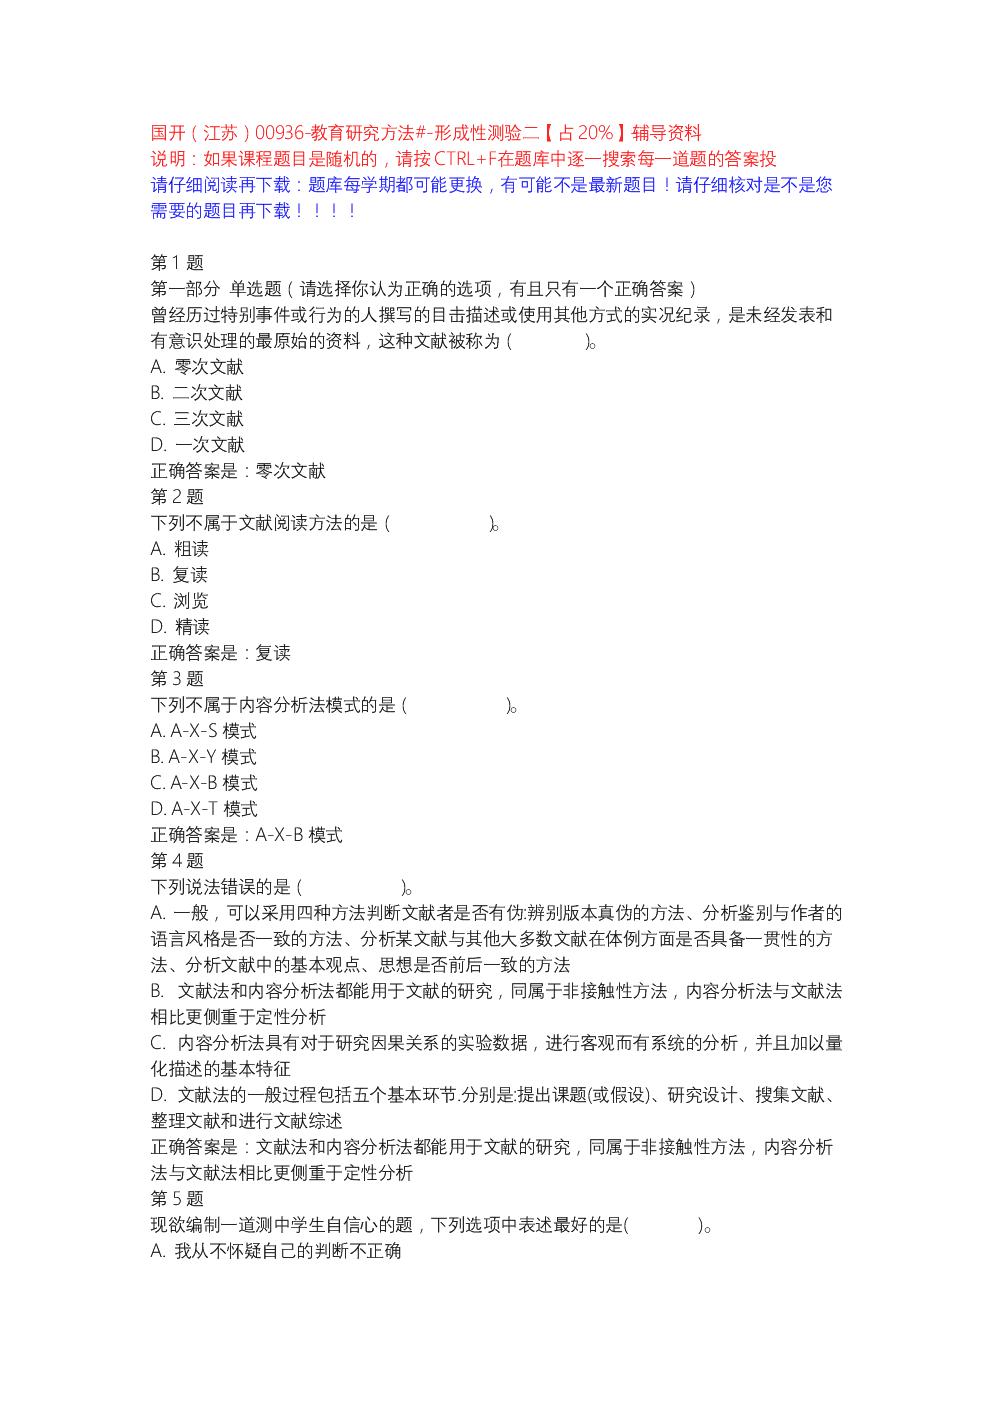 国开(江苏)00936-教育研究方法#-形成性测验二【占20%】-辅导资料.docx